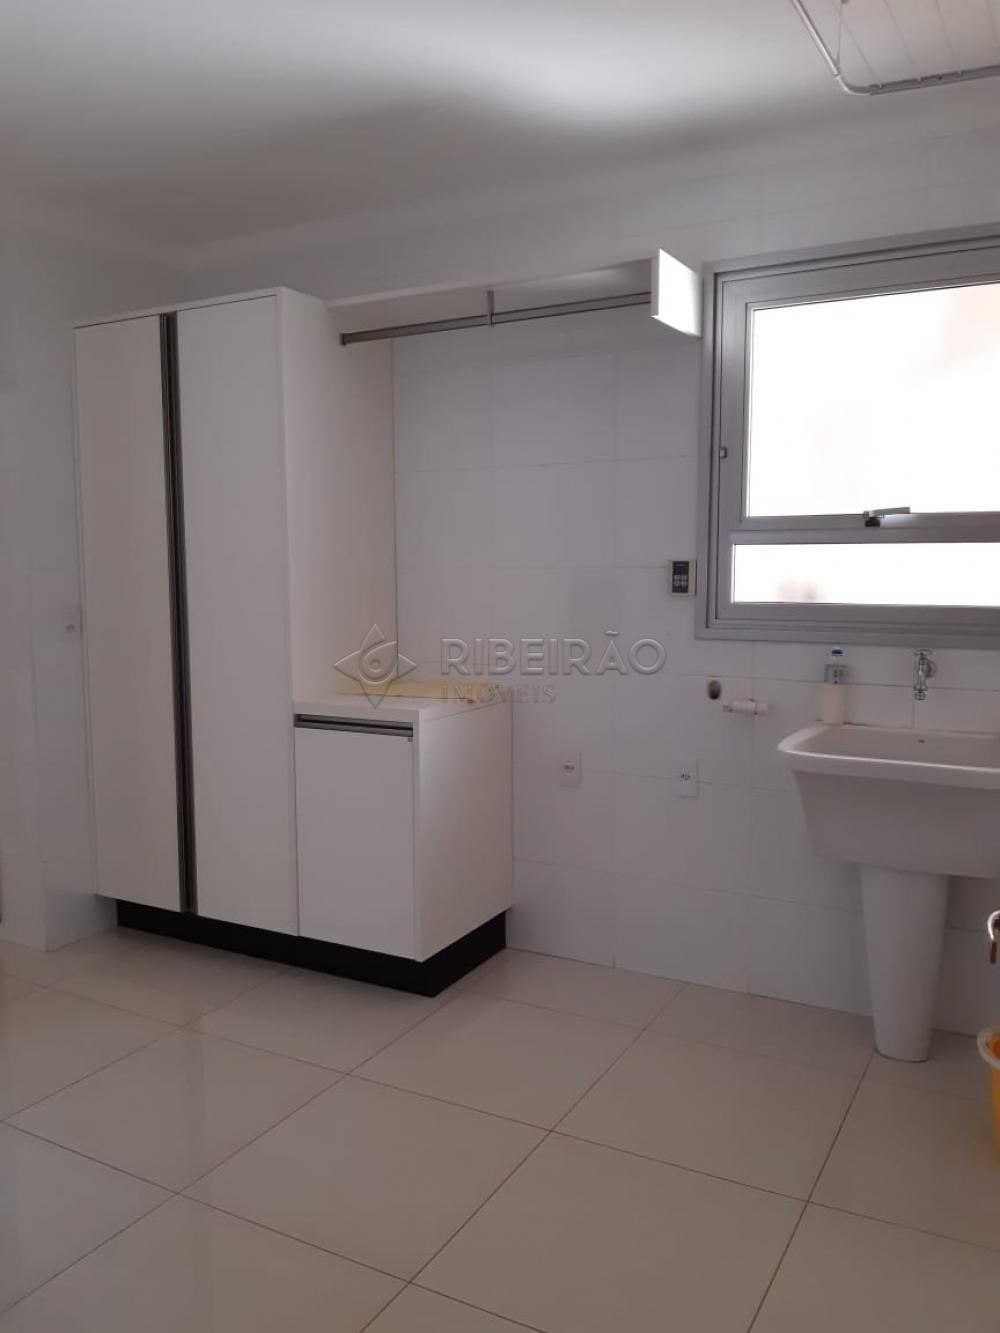 Comprar Apartamento / Cobertura em Ribeirão Preto R$ 1.900.000,00 - Foto 28